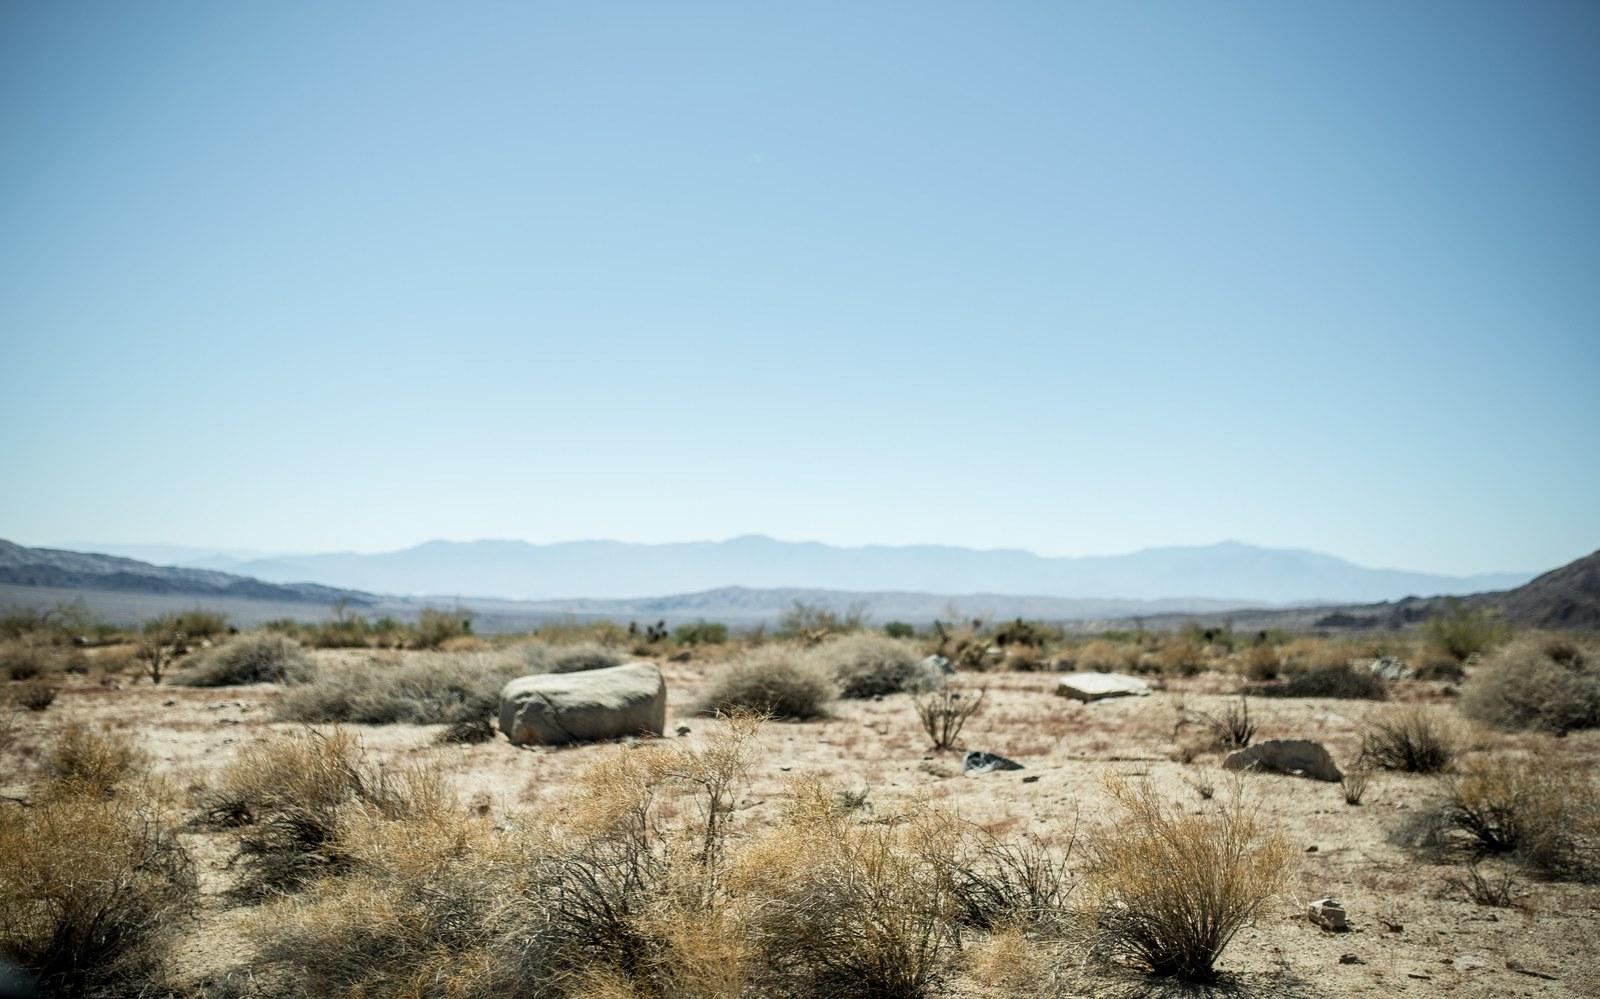 Desert typique du sud de la Californie Salvation Mountain